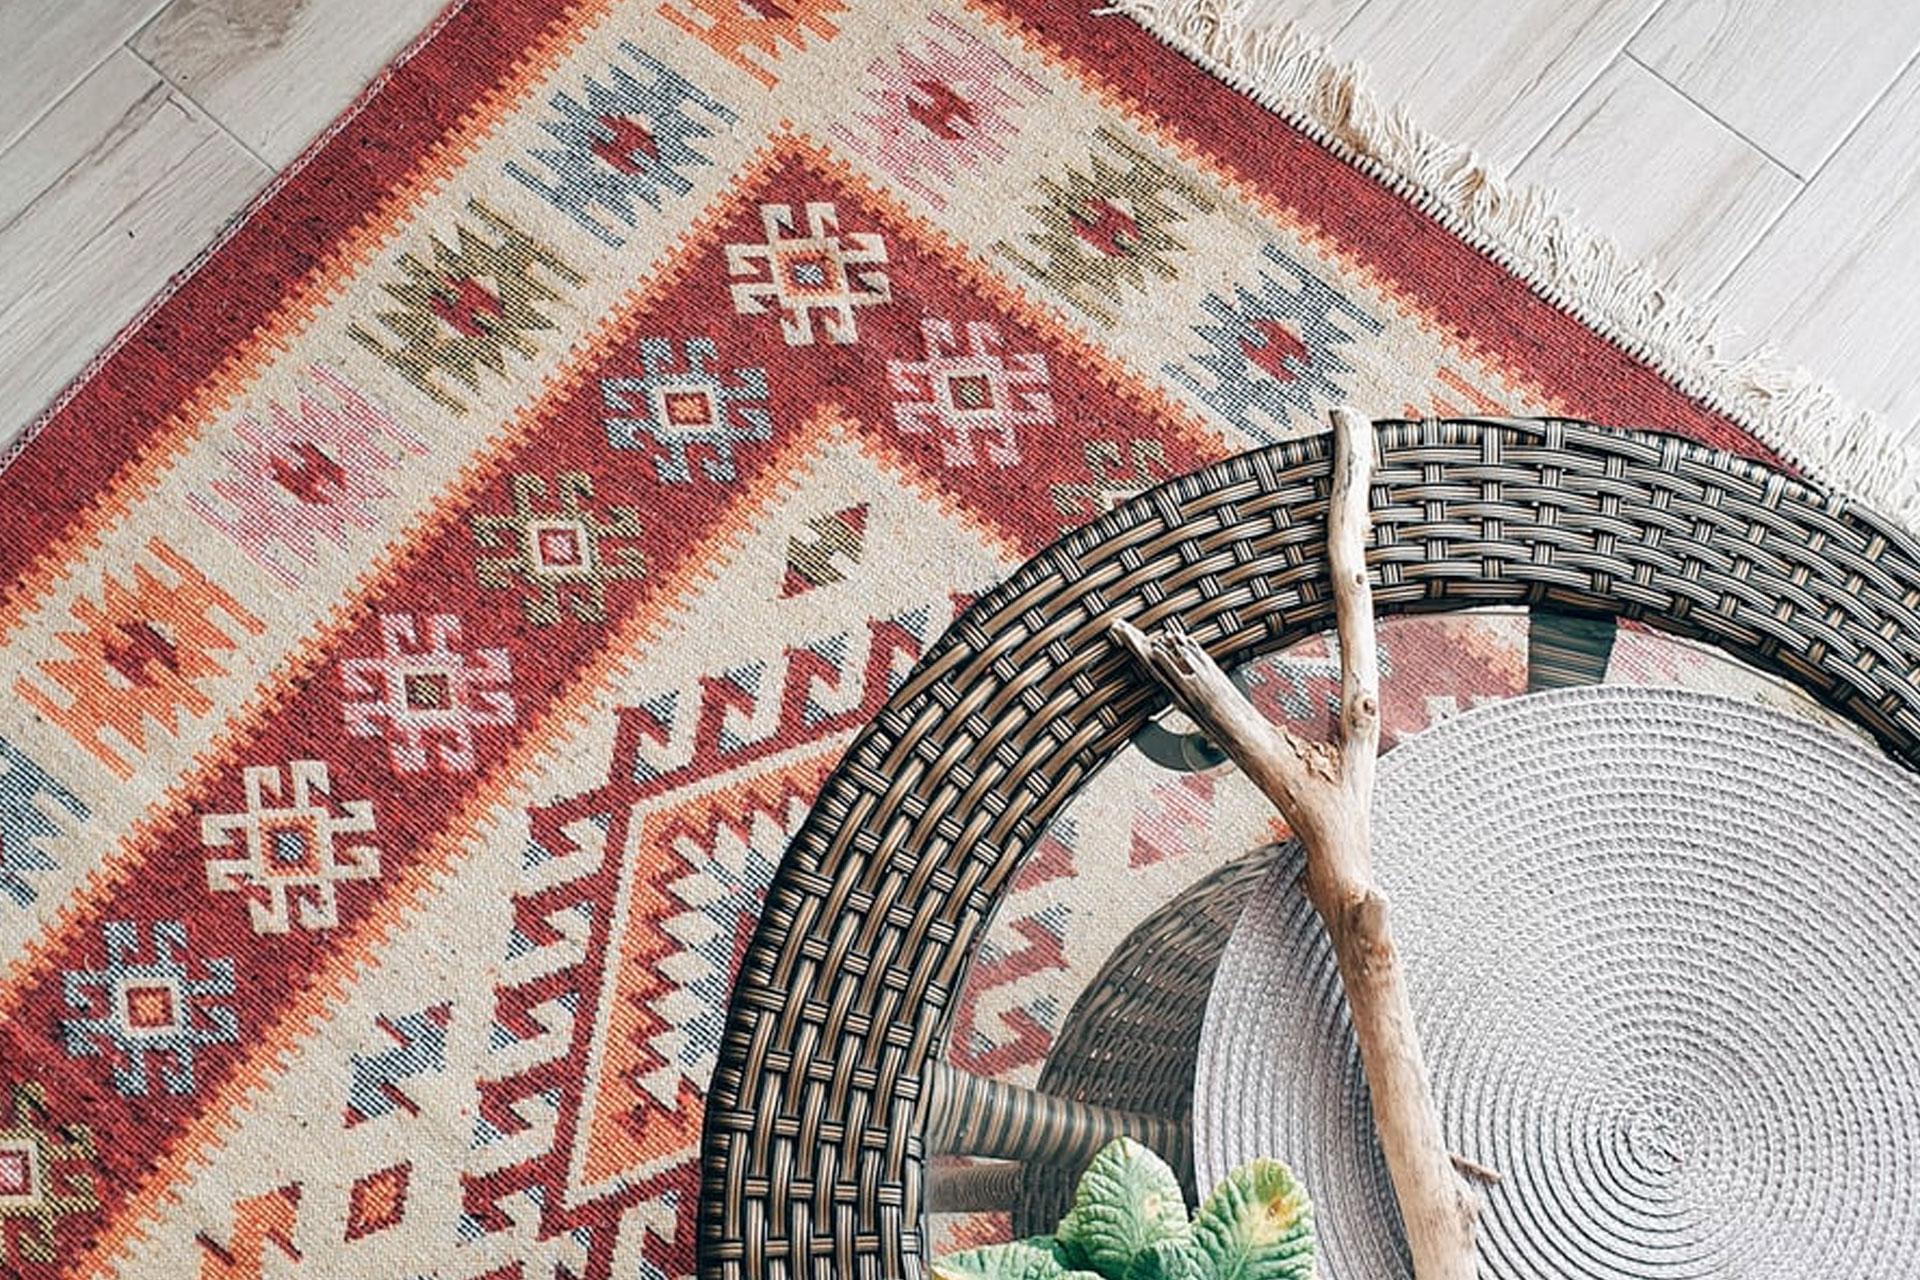 Trucos y claves de limpieza para tapicerías y textiles